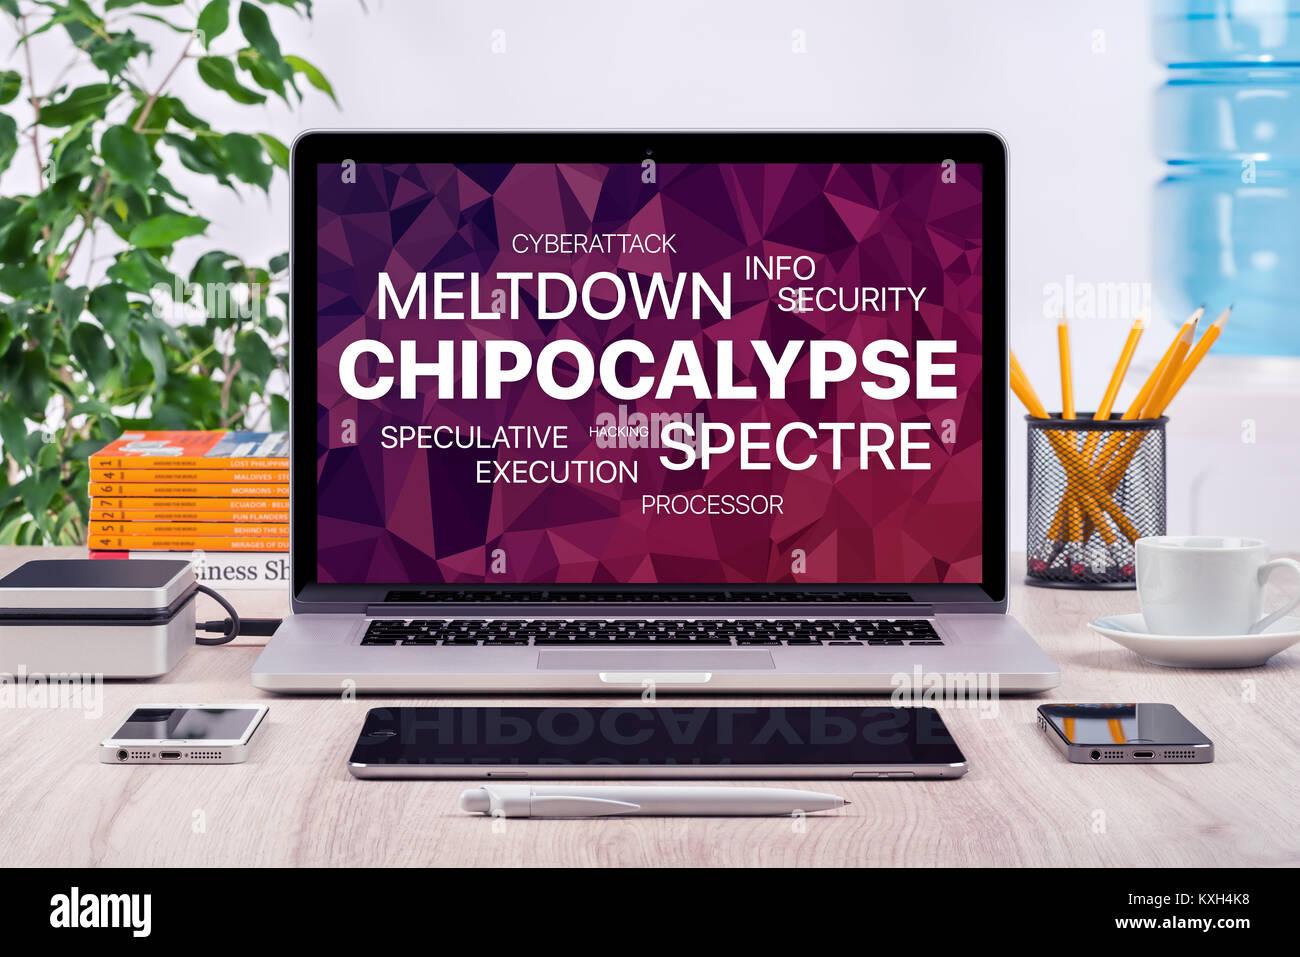 Chipocalypse Konzept mit Kernschmelze und Gespenst Bedrohung auf dem Laptop Bildschirm im Büro. Stockbild